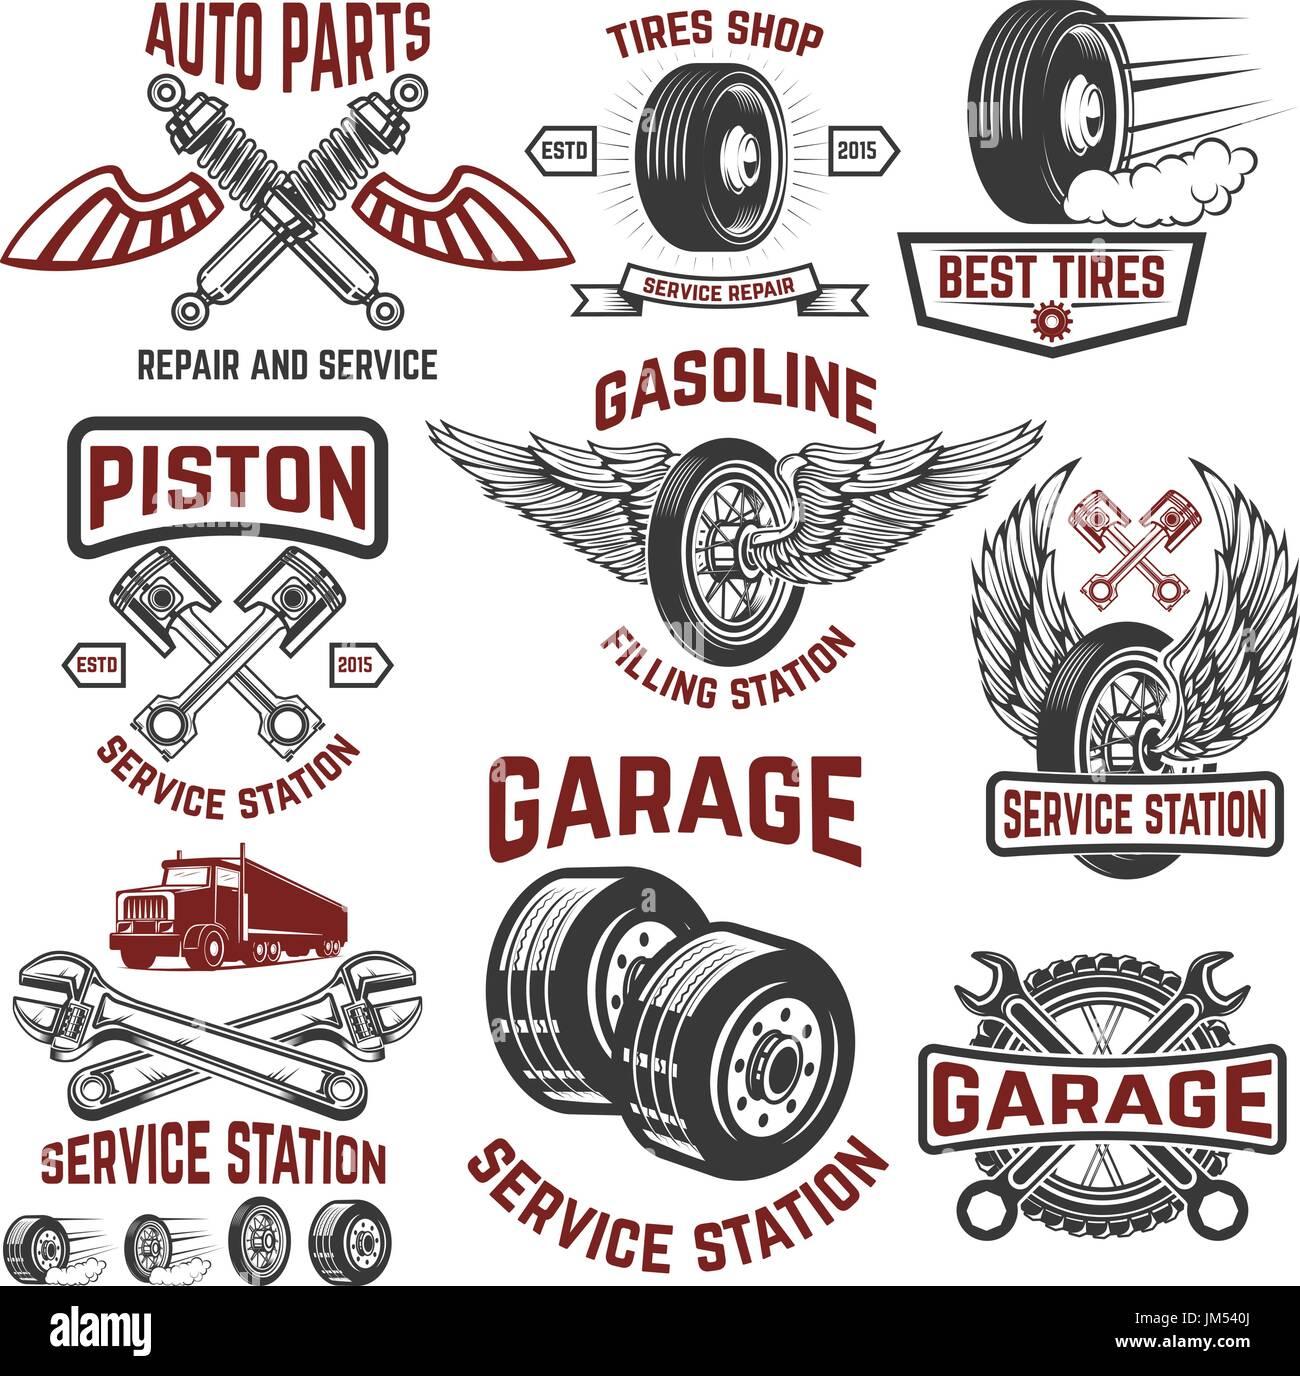 Garage, Service Station, Tires Shop, Auto Parts Store